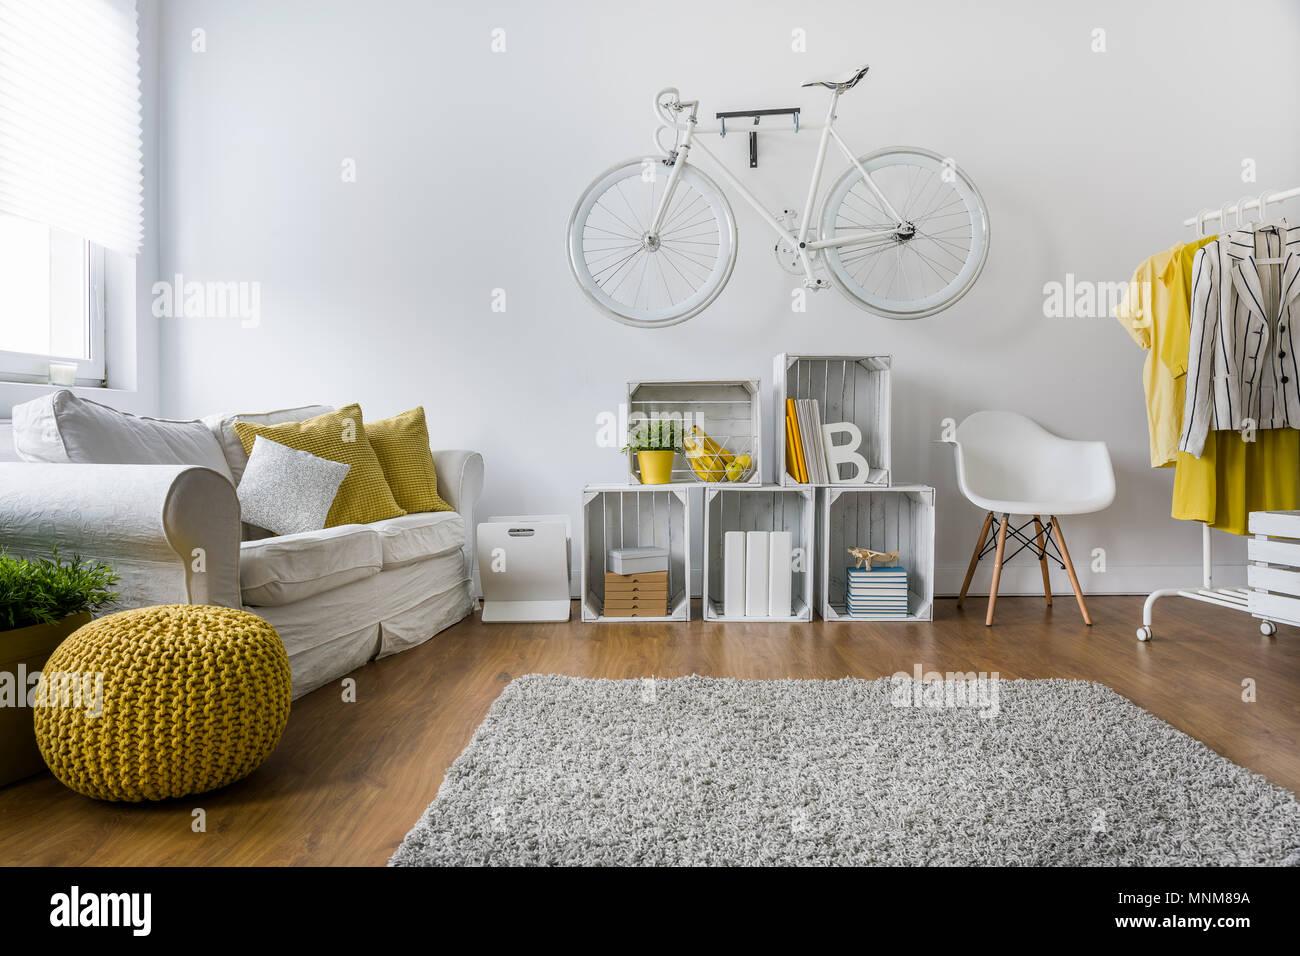 Tappeti Soggiorno Moderno : Soggiorno moderno con divano tappeti pannelli di legno e la